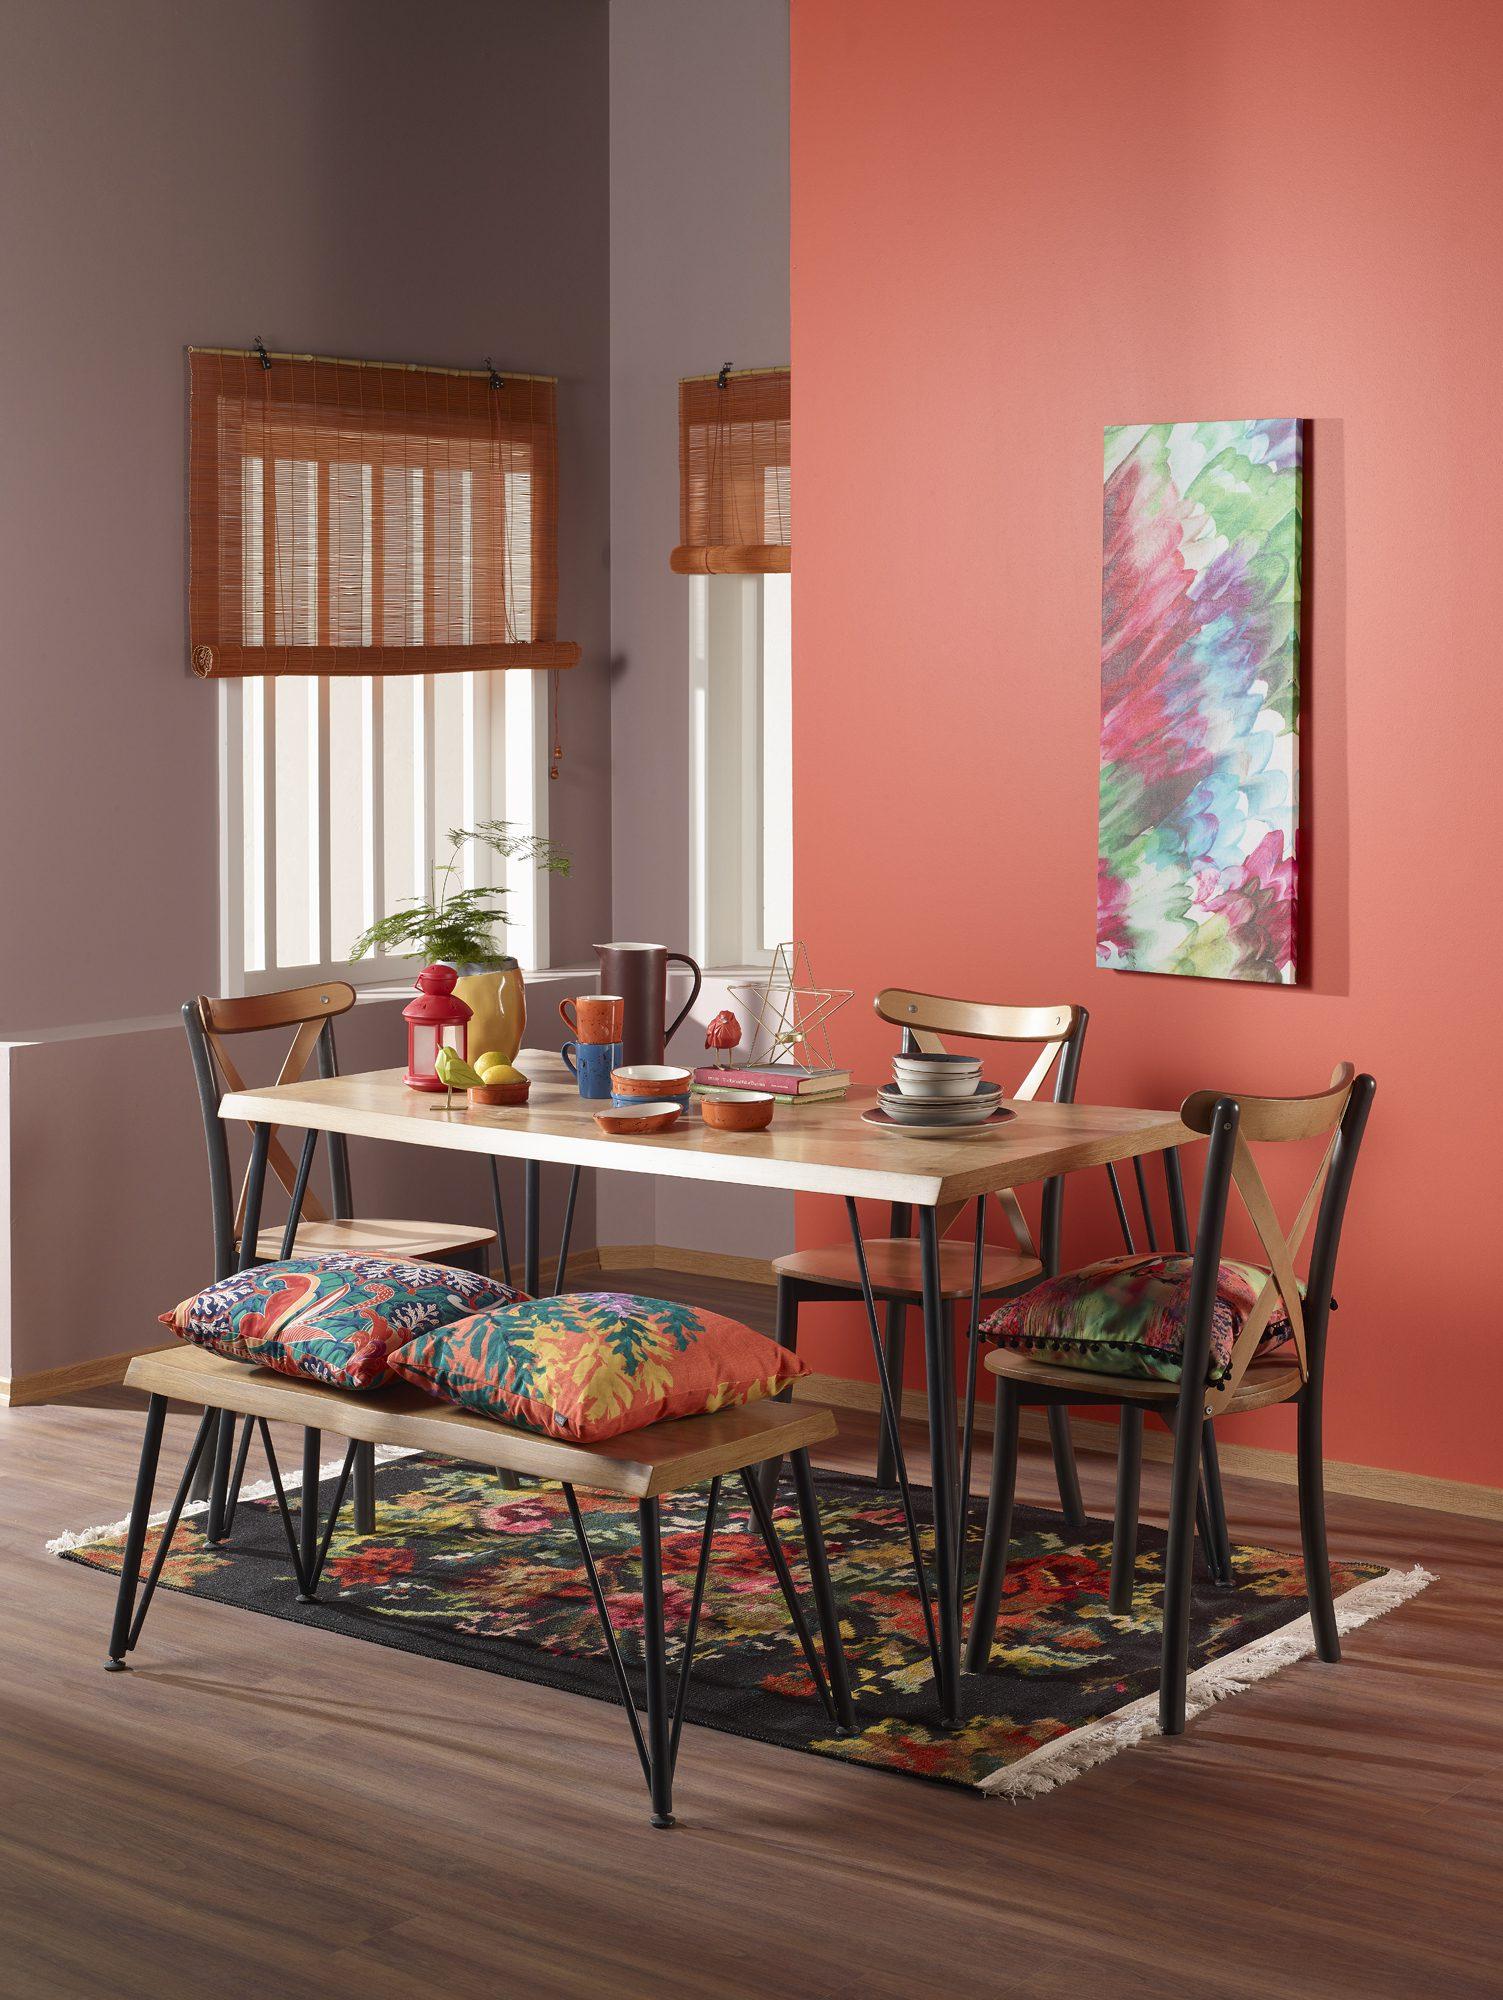 Ev dekorasyonunda canlı renkler kullanma